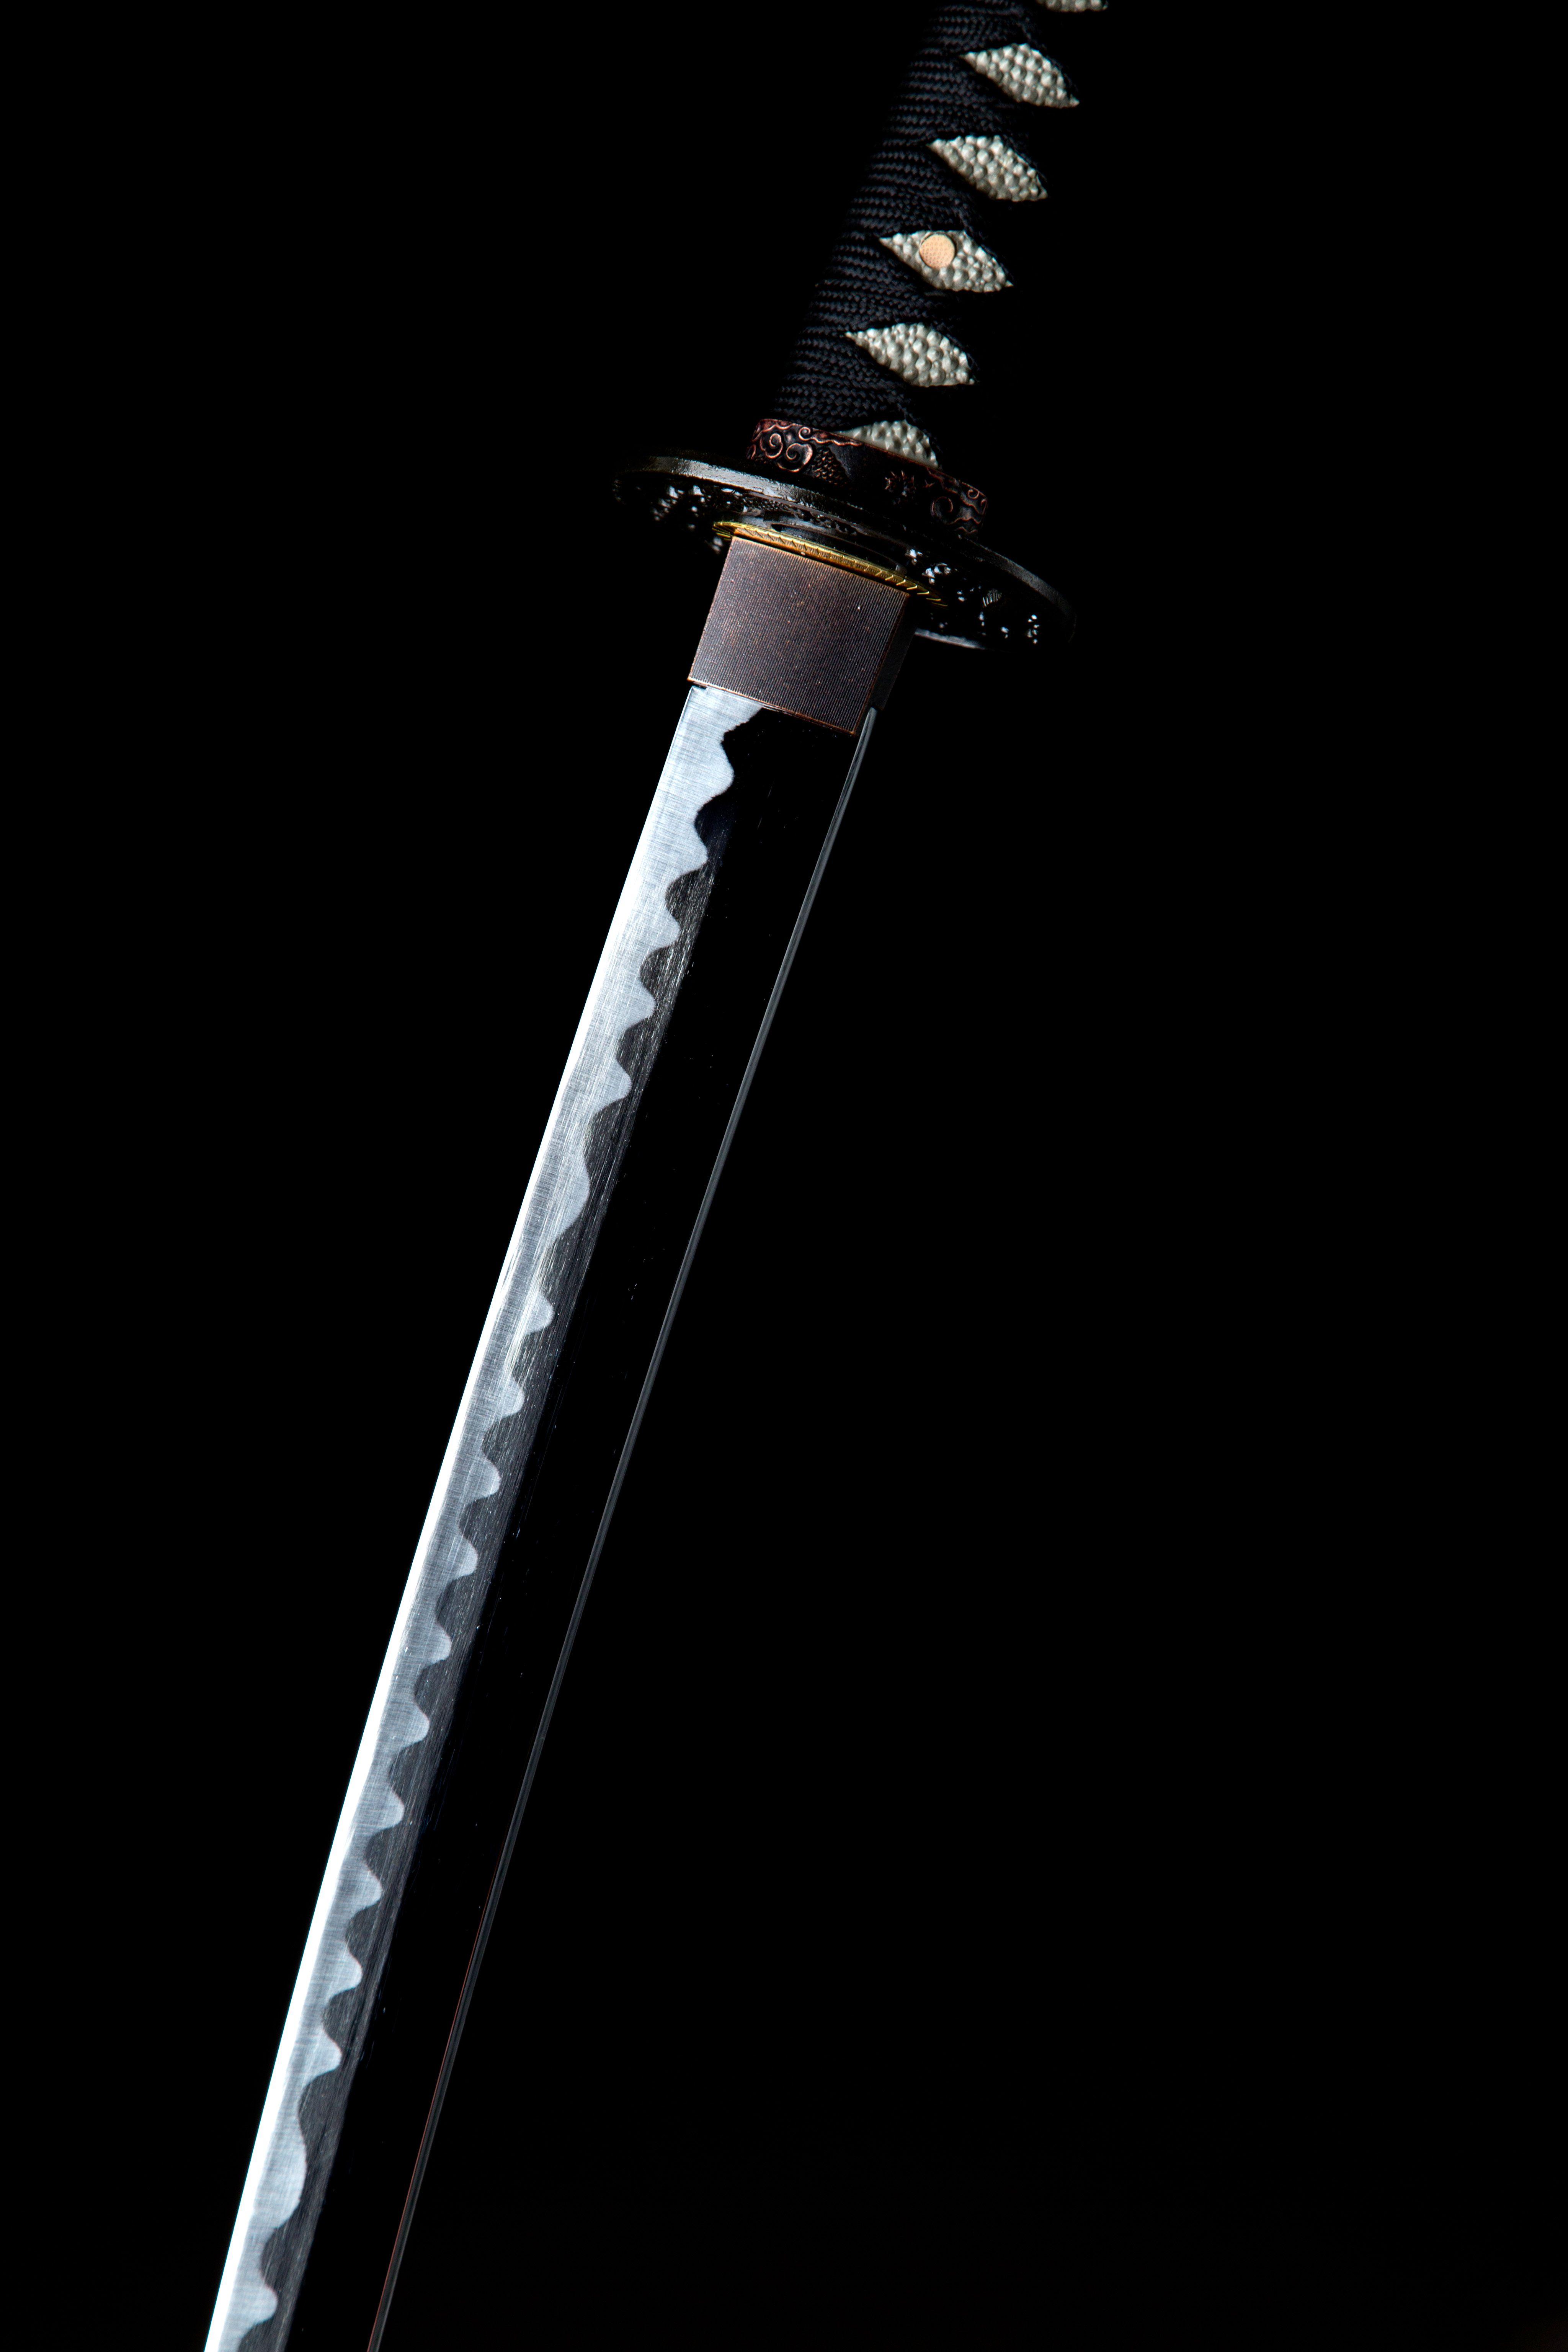 日本刀を売るなら専門店がおすすめ!